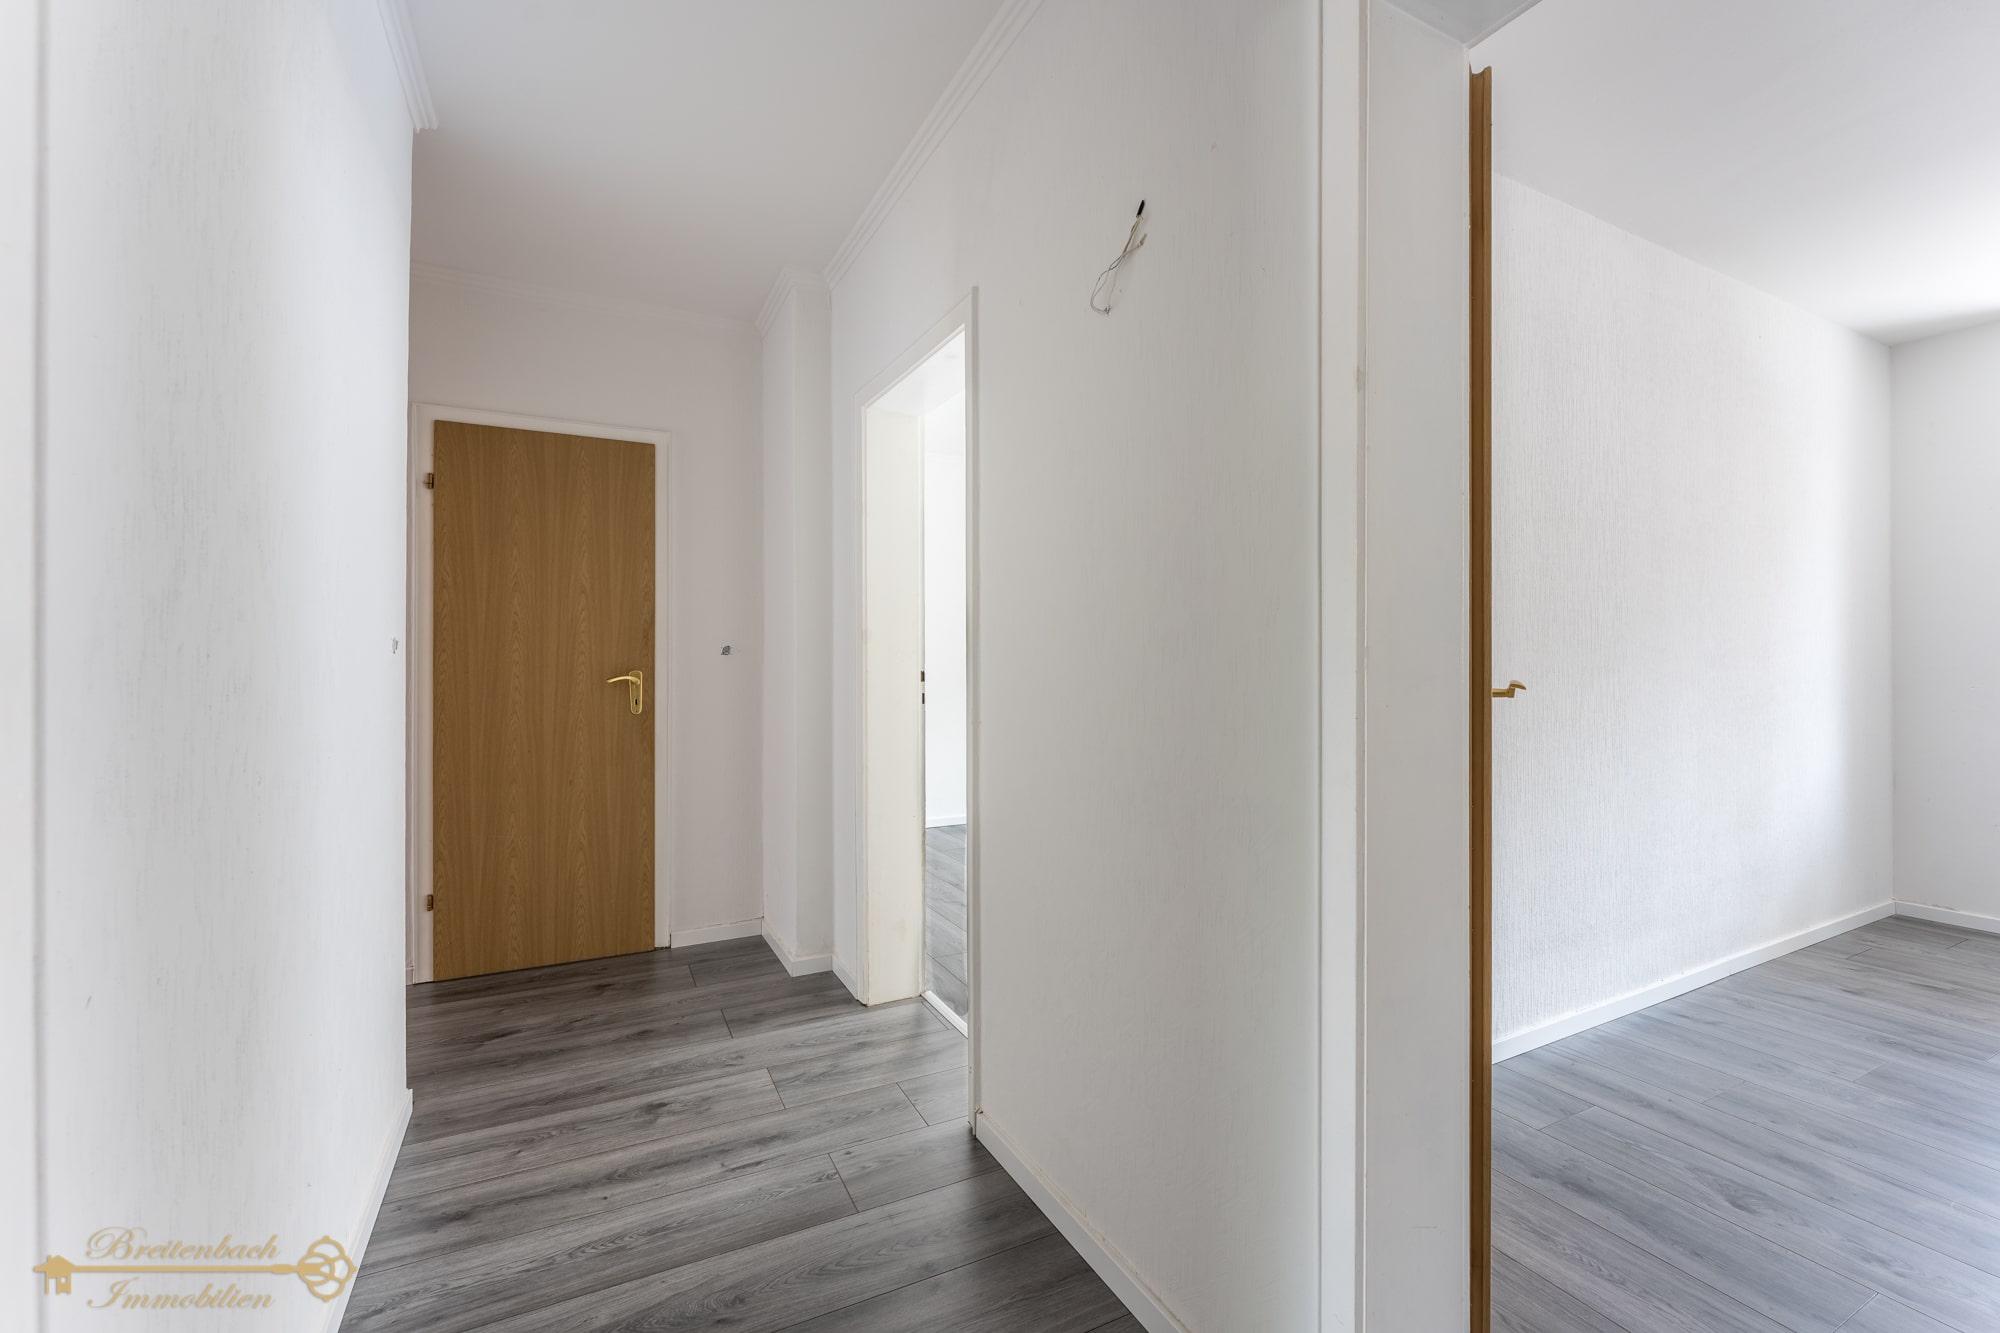 2021-08-03-Breitenbach-Immobilien-Makler-Bremen-5-min